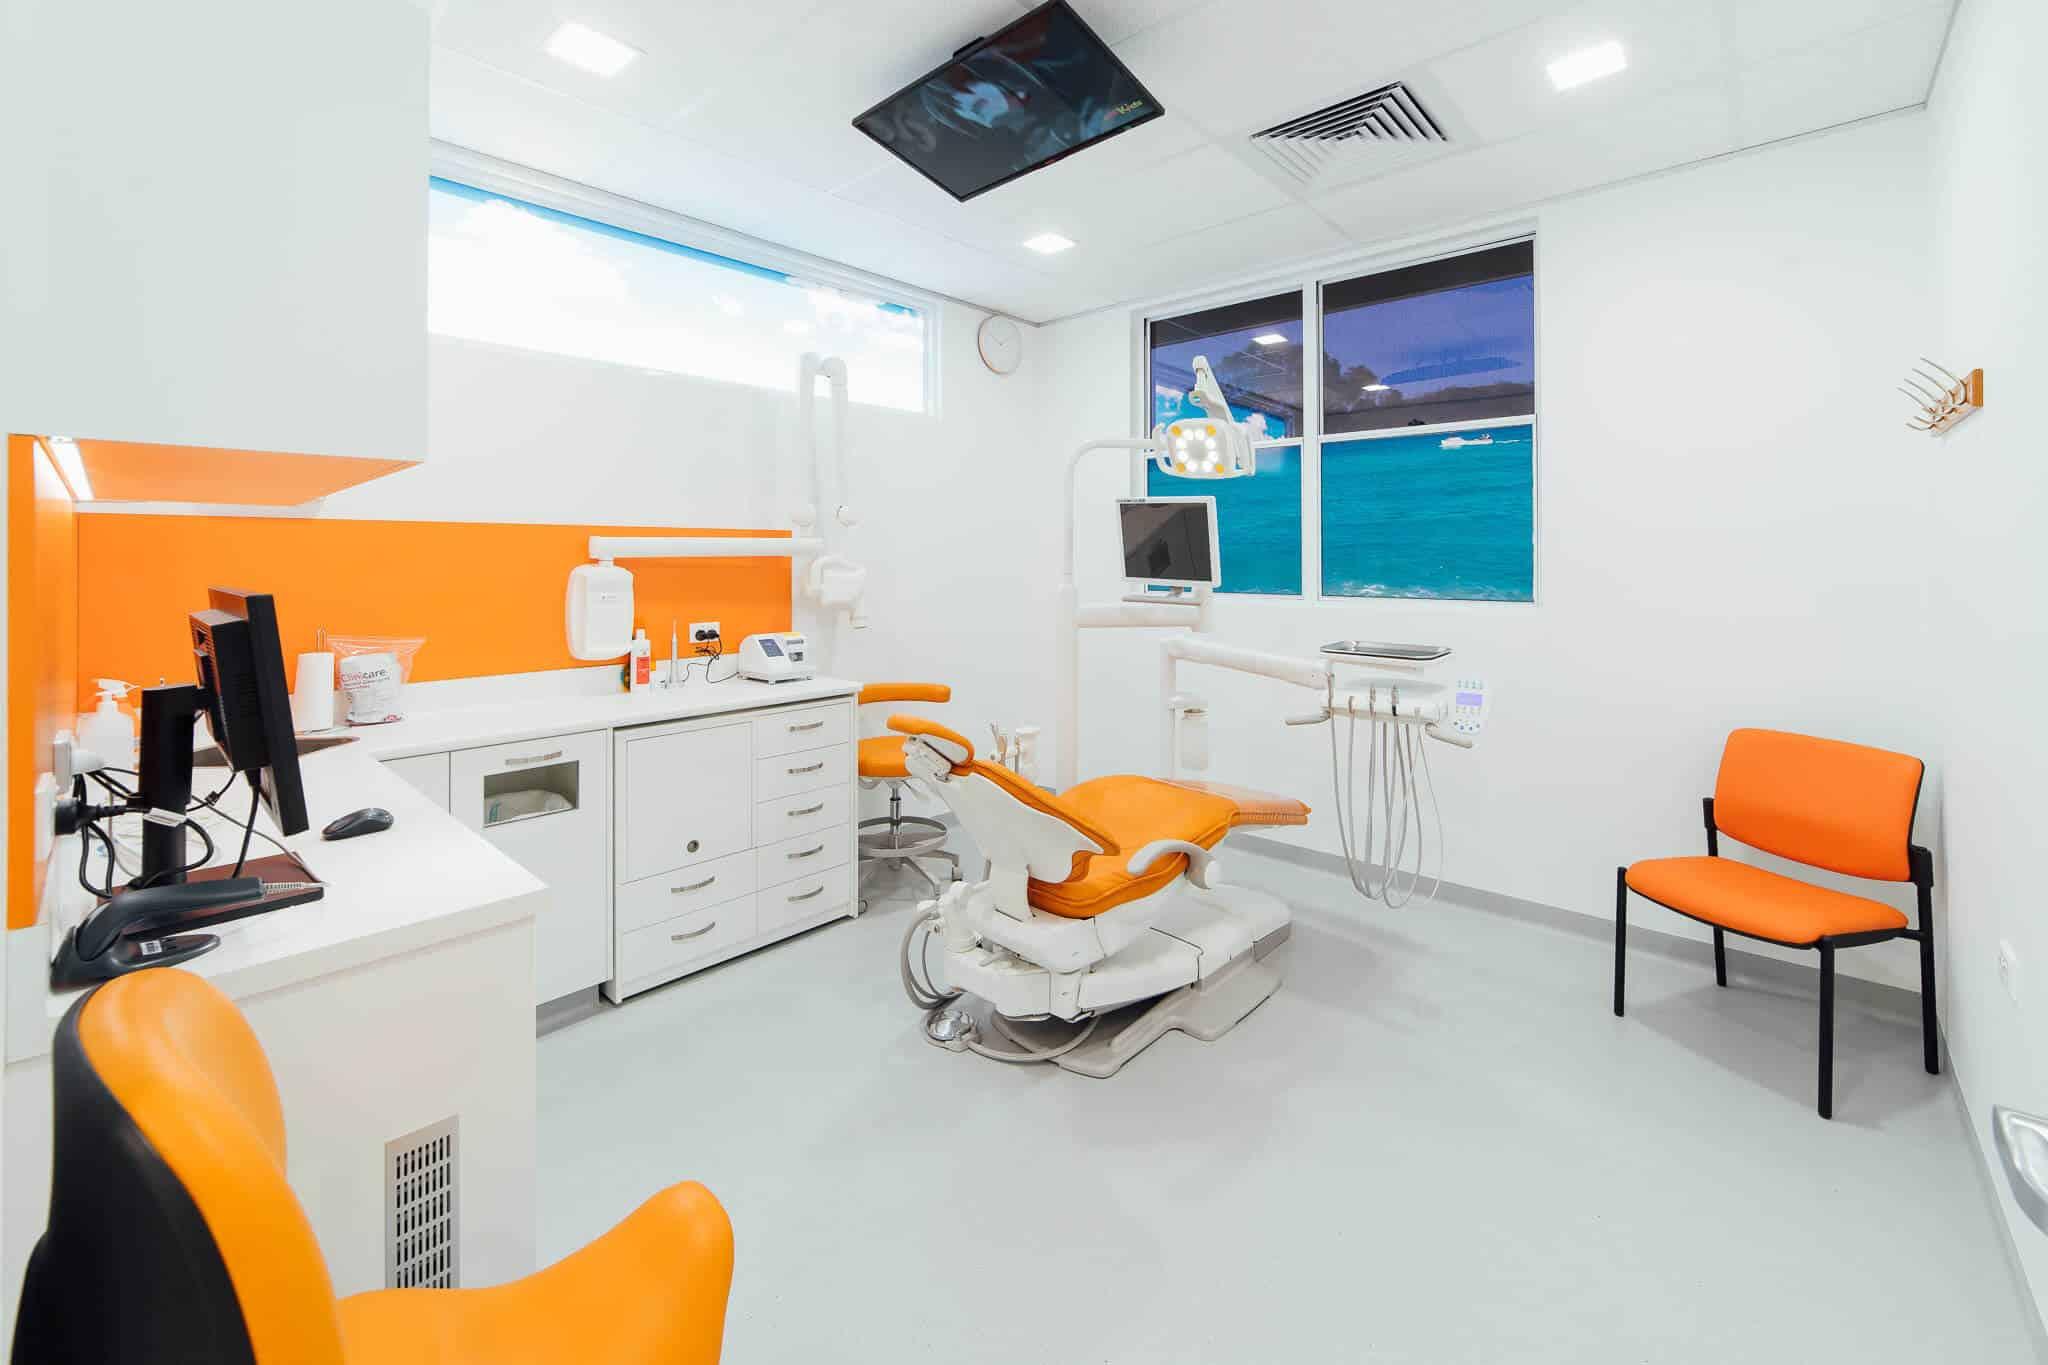 esk_dental_treatment